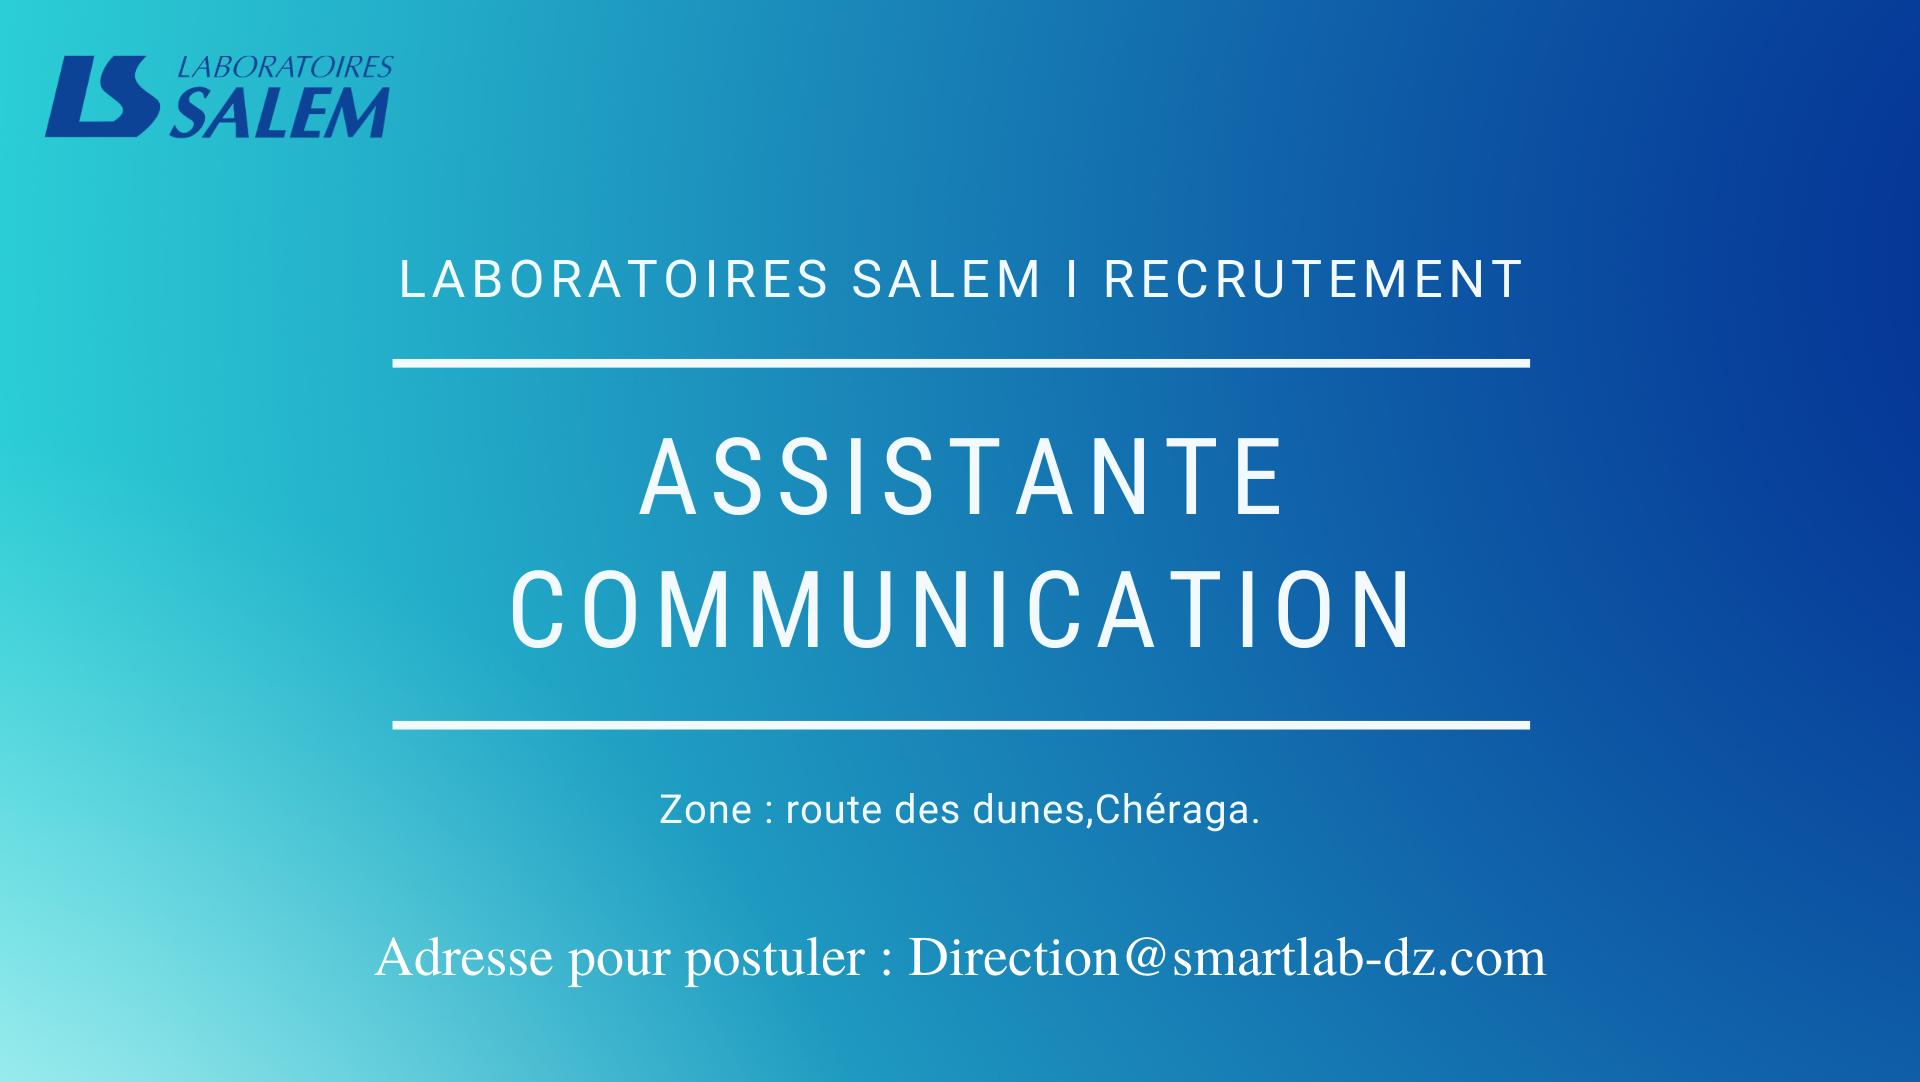 communication, assistante en communication, marketing,recrutement, labosalem, communication, marketing, métier,emploi, salaire, entreprise, carrière